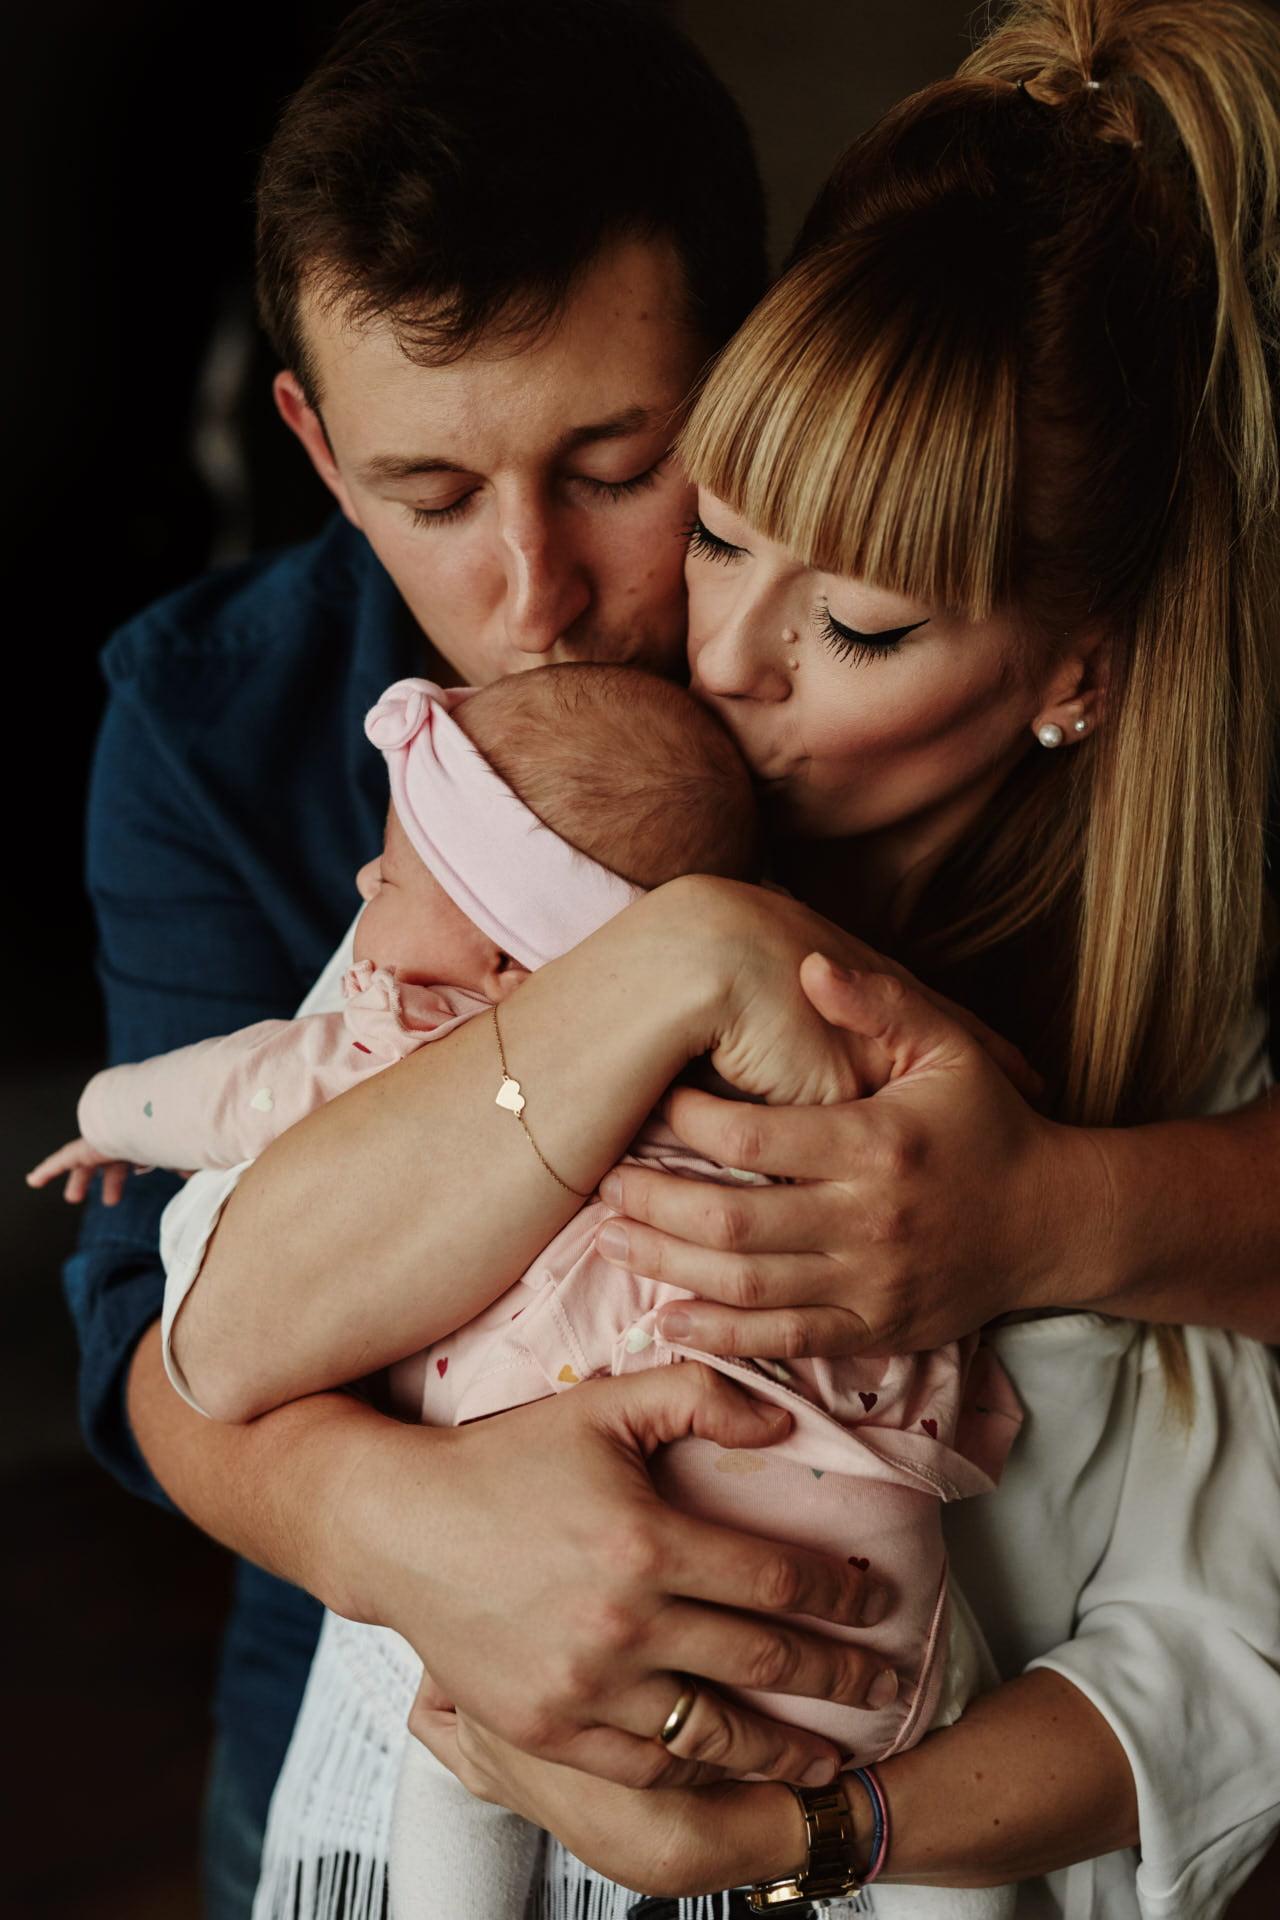 rodzinna sesja zdjęciowa z córeczką